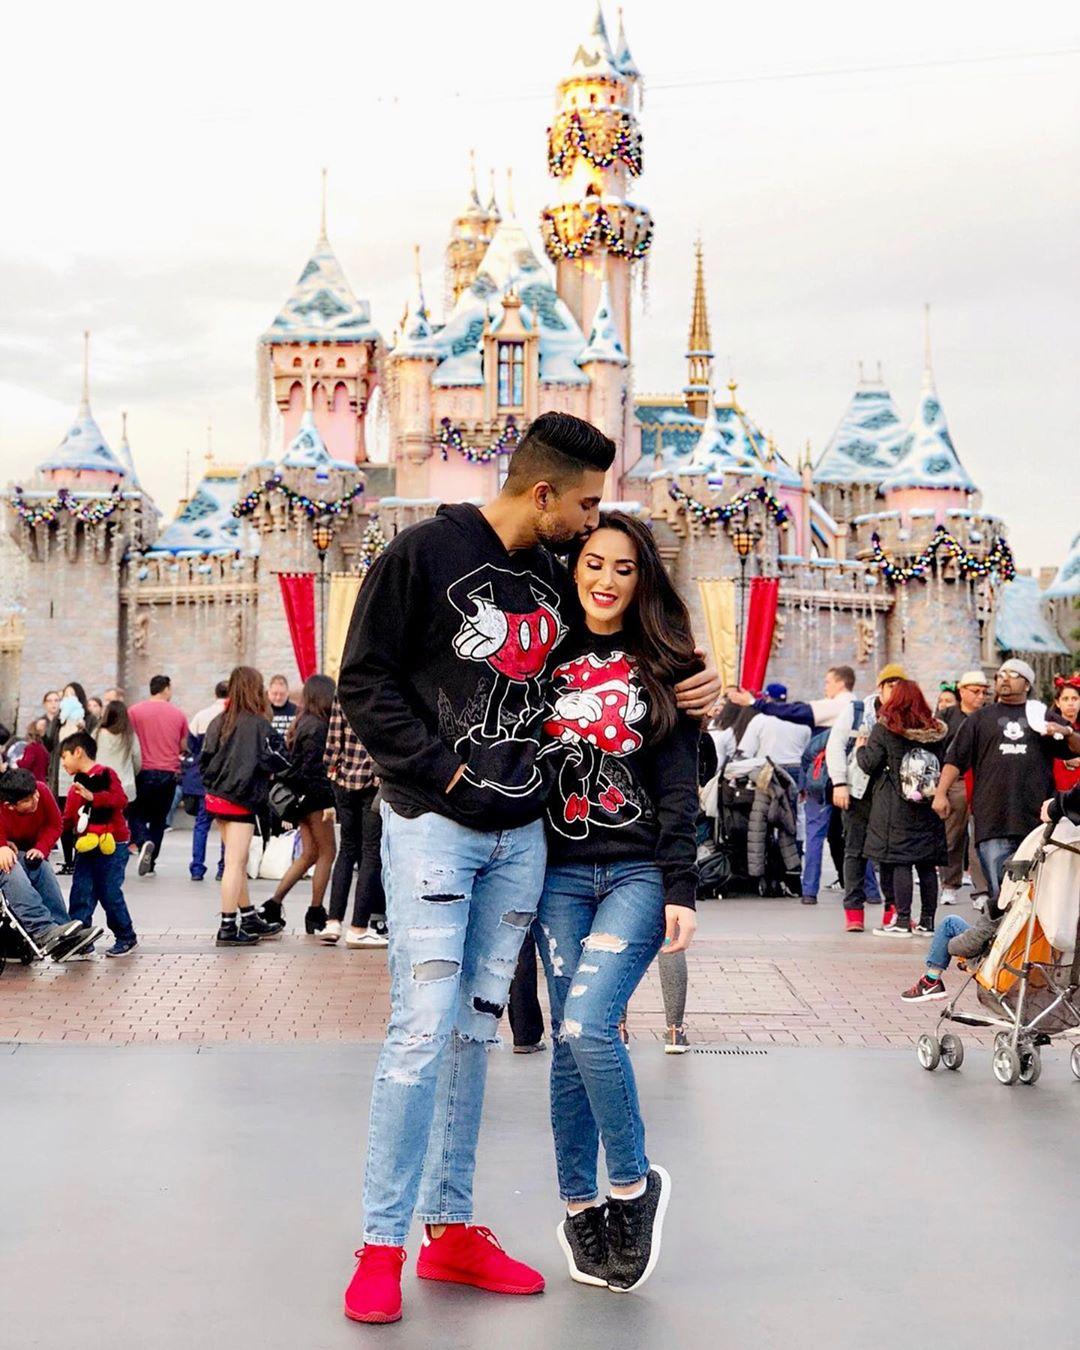 Dhar Mann Instagram photo at Disneyland